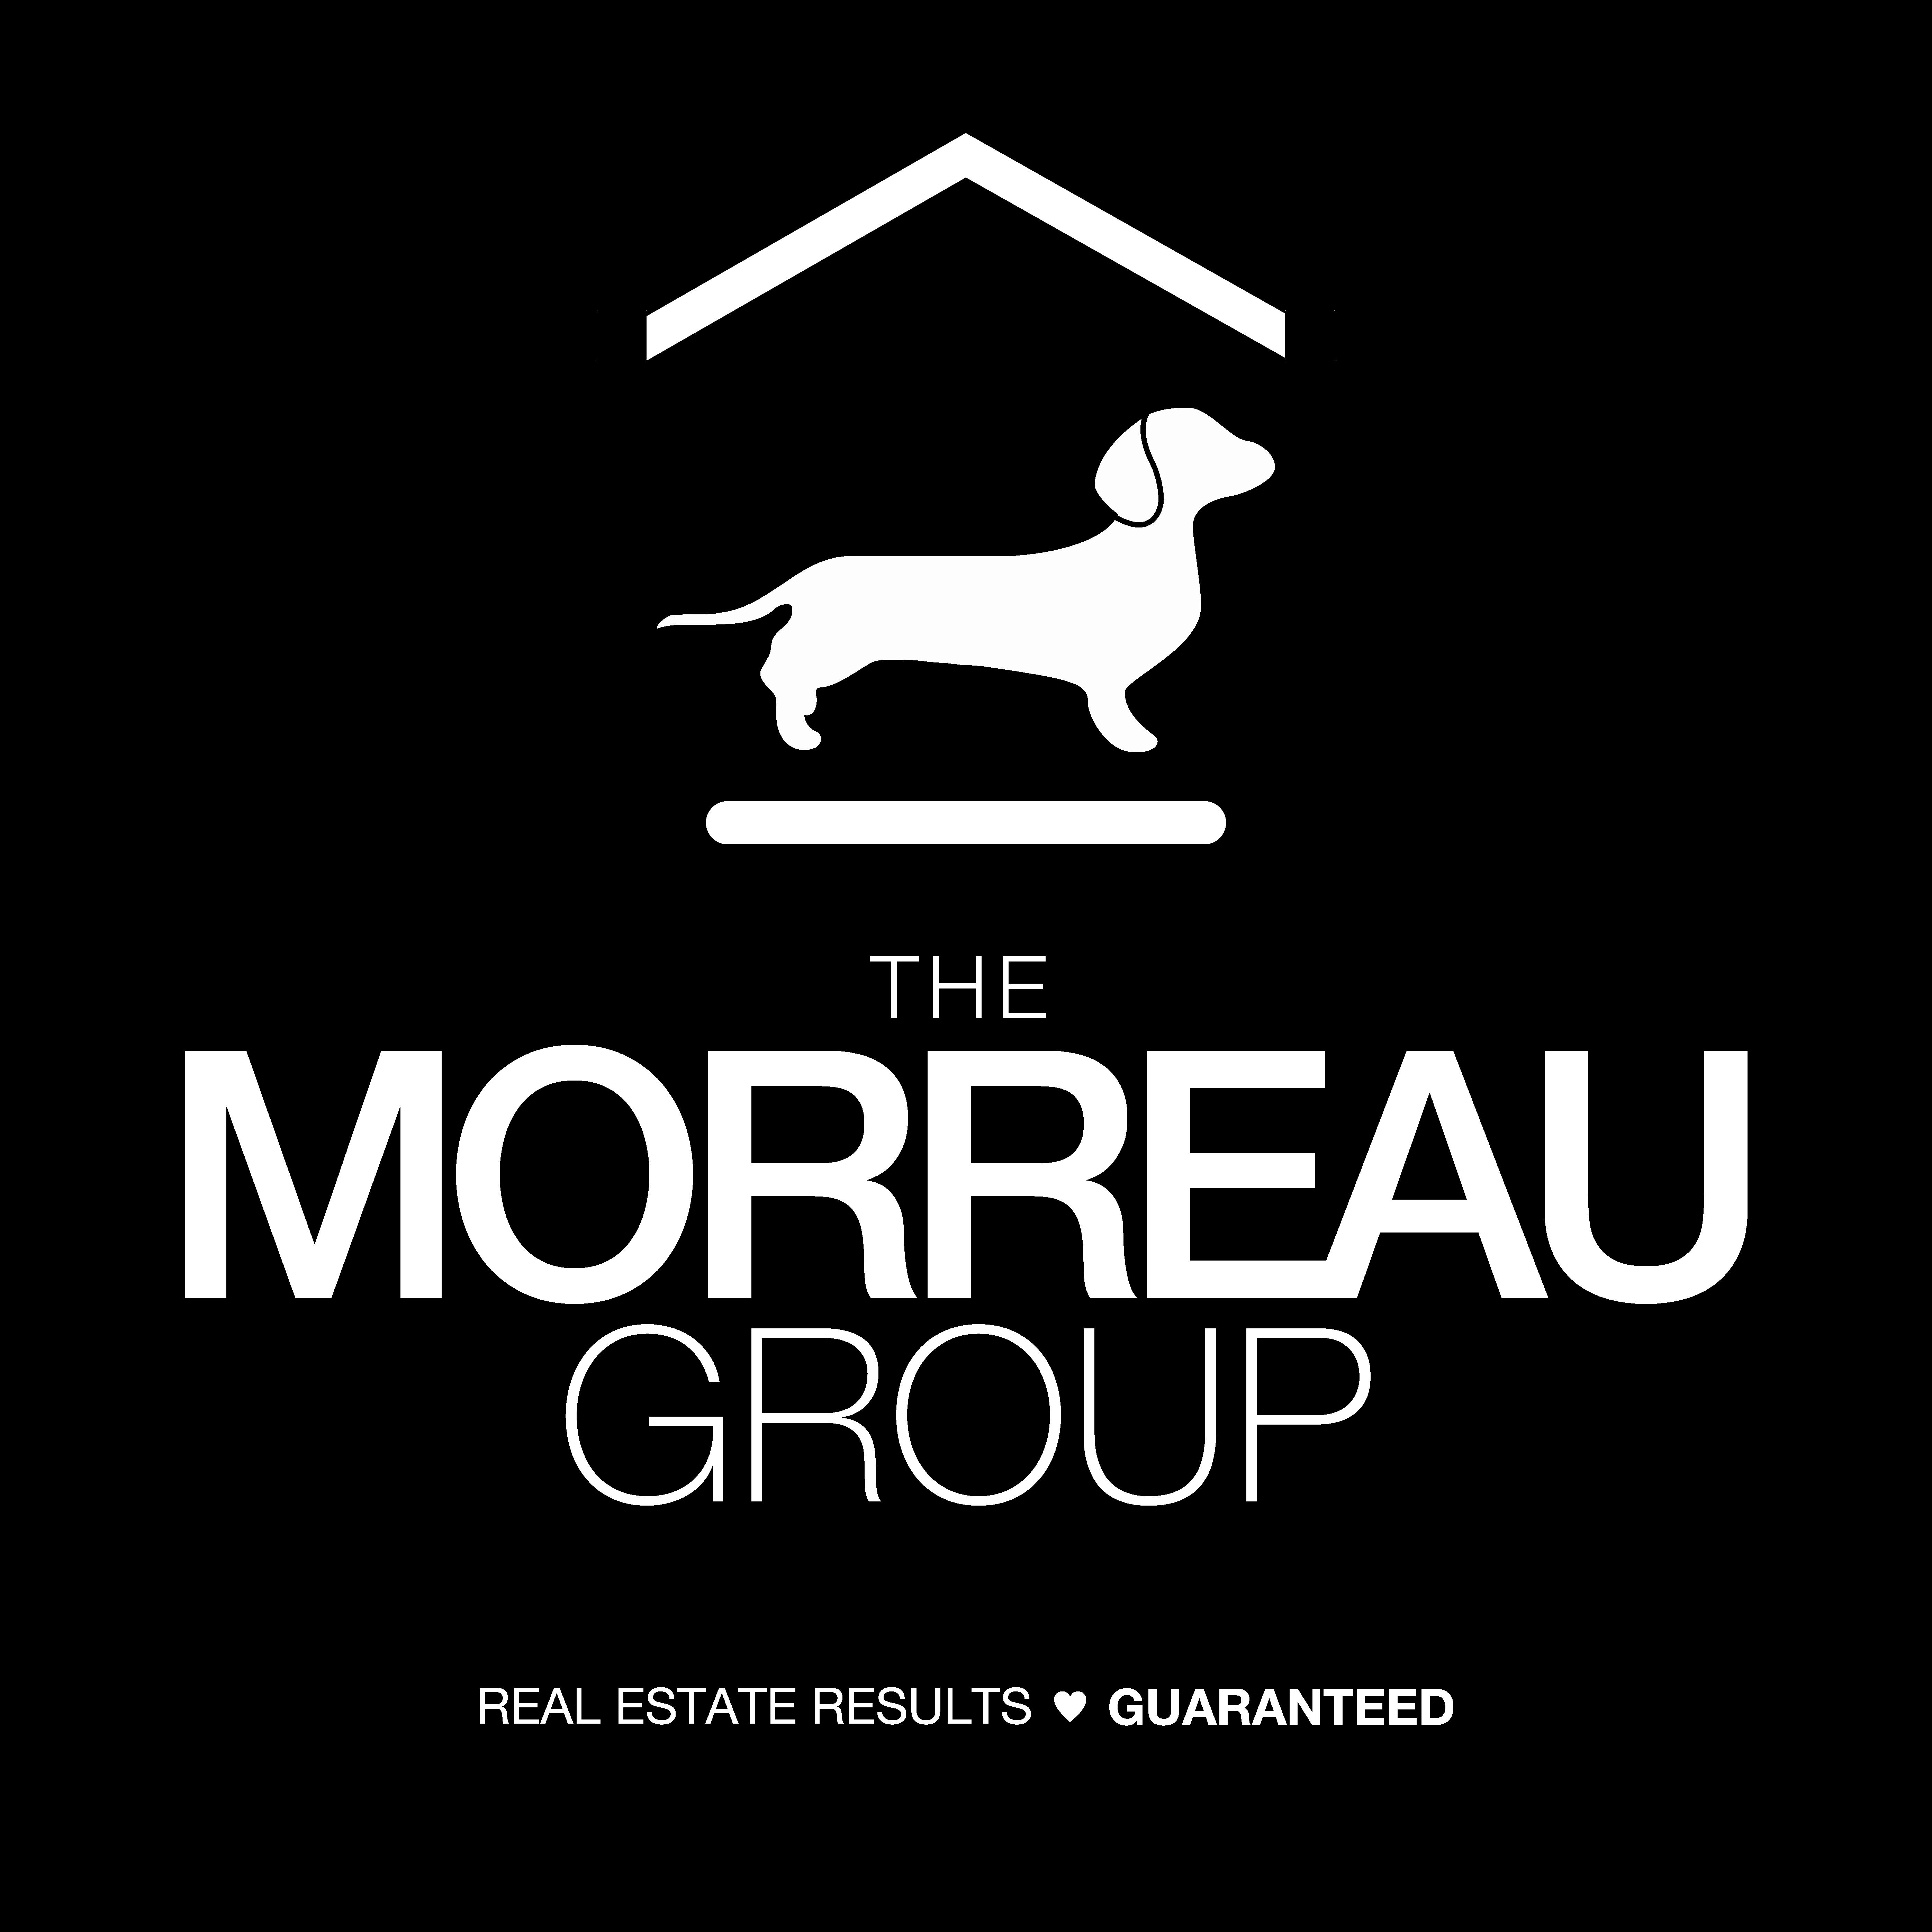 Scott Morreau PA - The Morreau Group